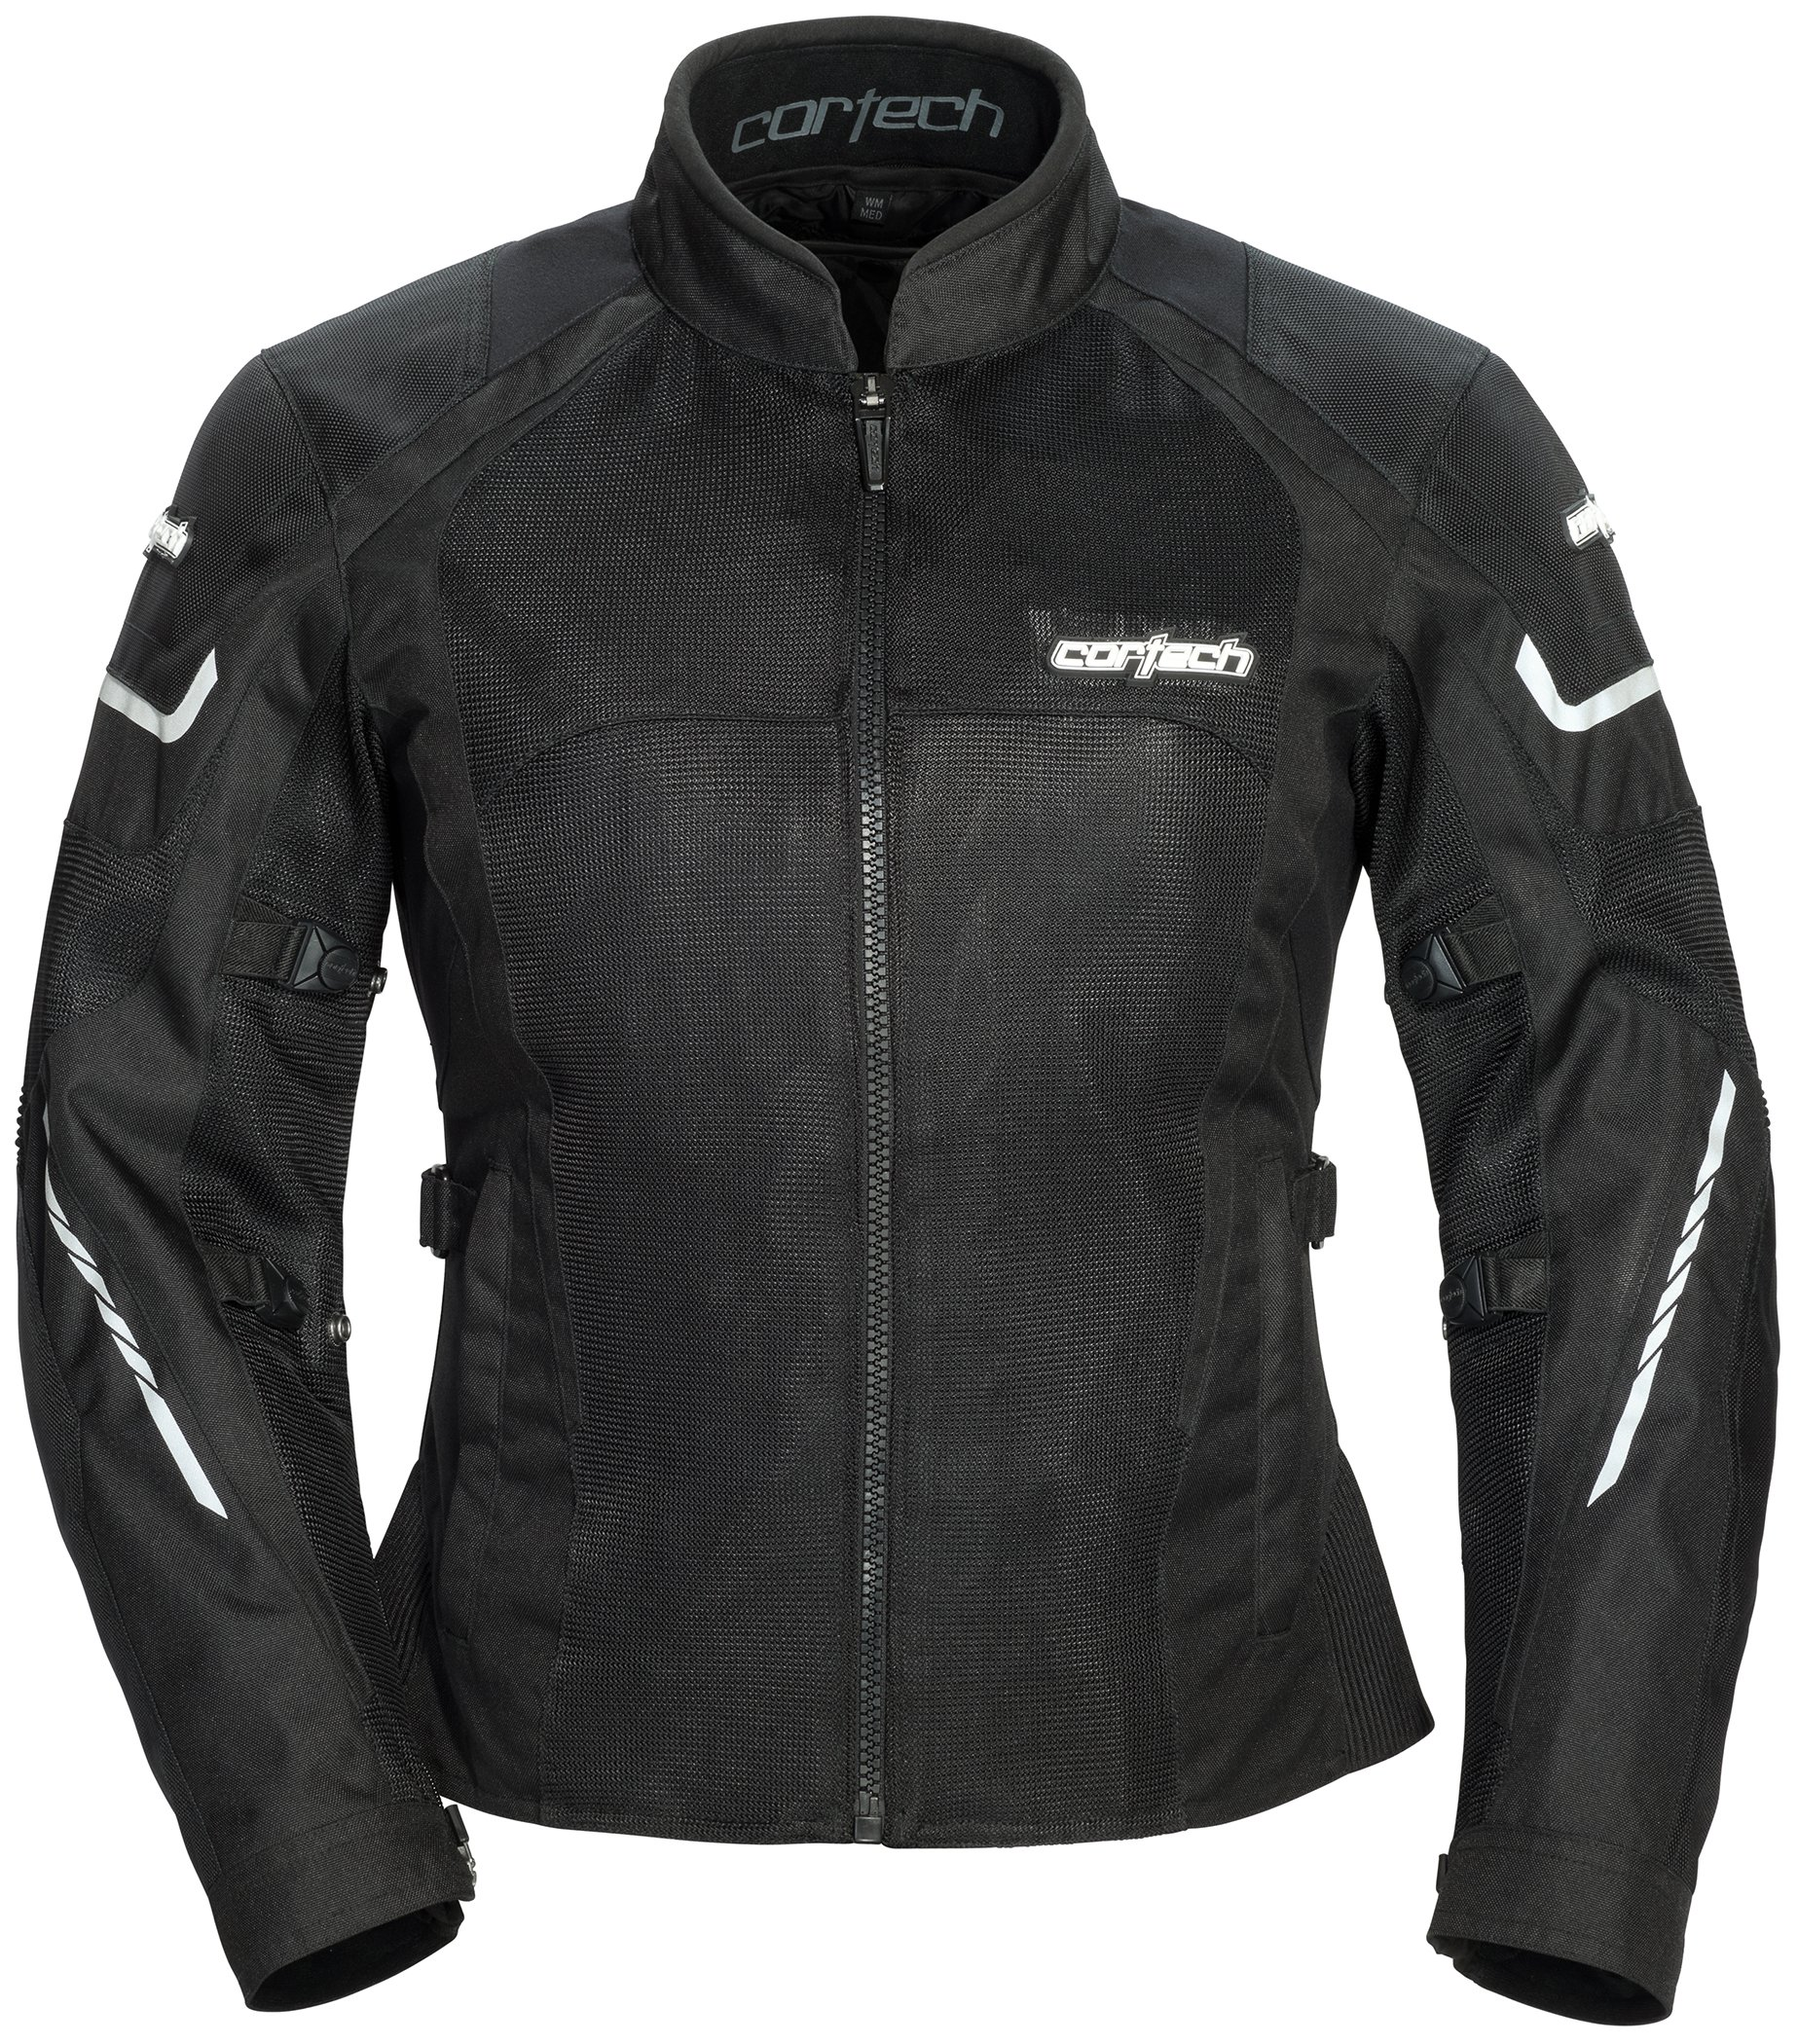 Cortech Women's GX-Sport Air 5.0 Jacket (Black, Medium), 1 Pack